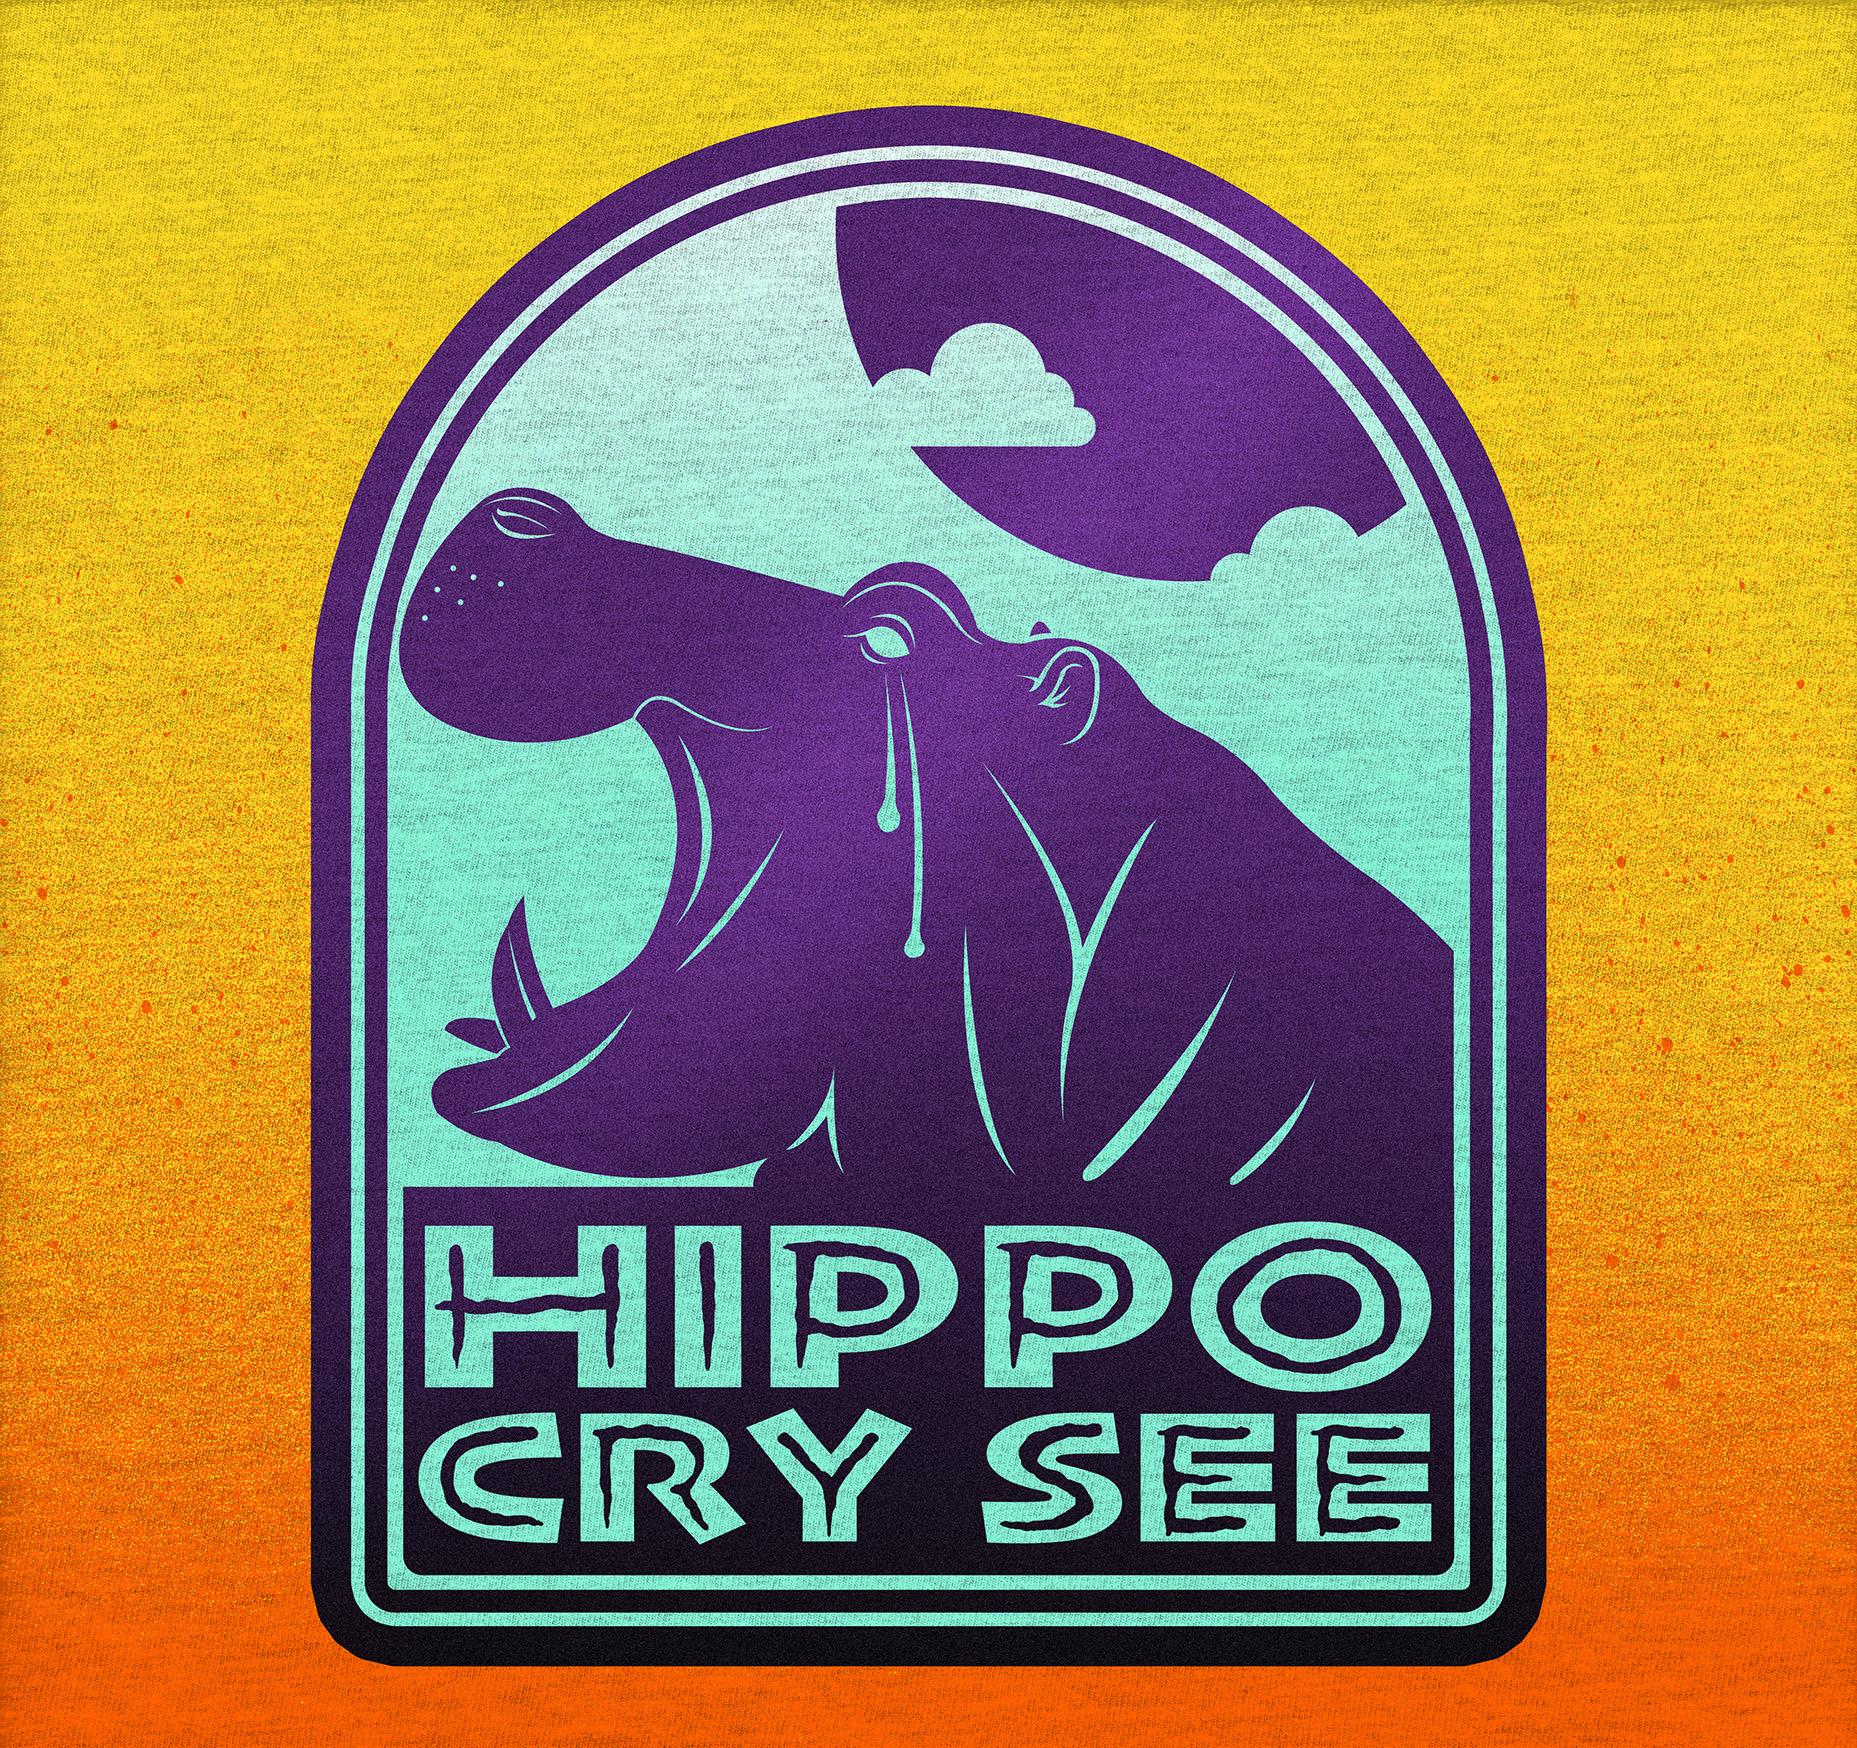 HippoCrySee